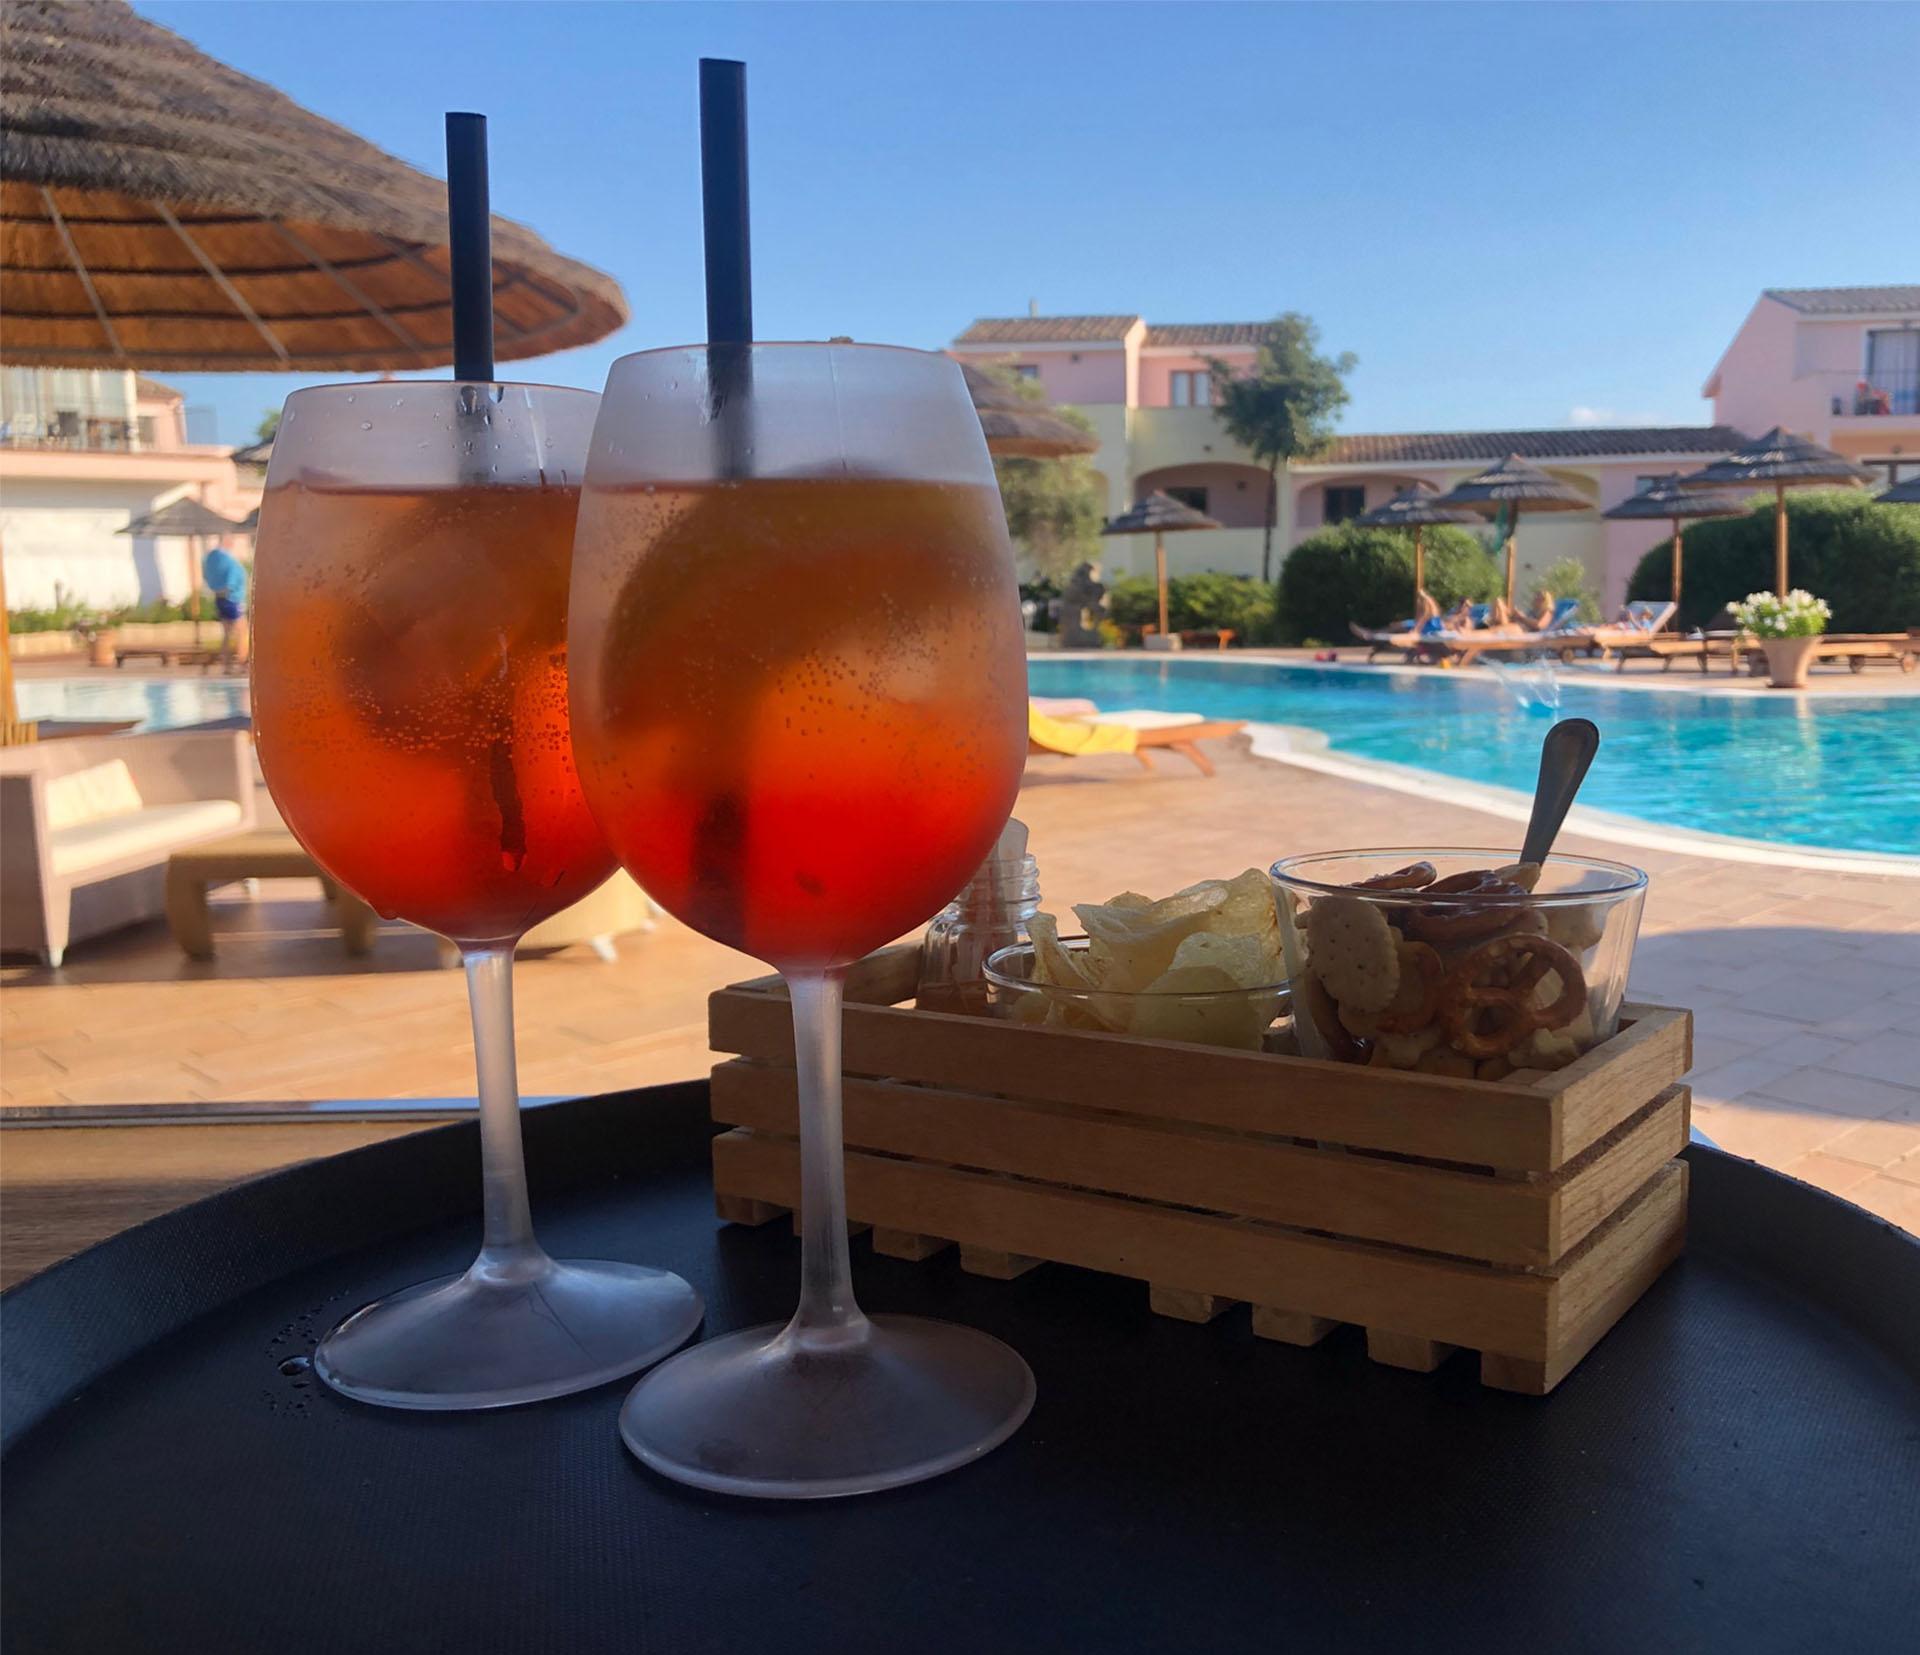 gruppo-felix-hotels-hotel-airone-baja-sardinia-arzachena-offerte